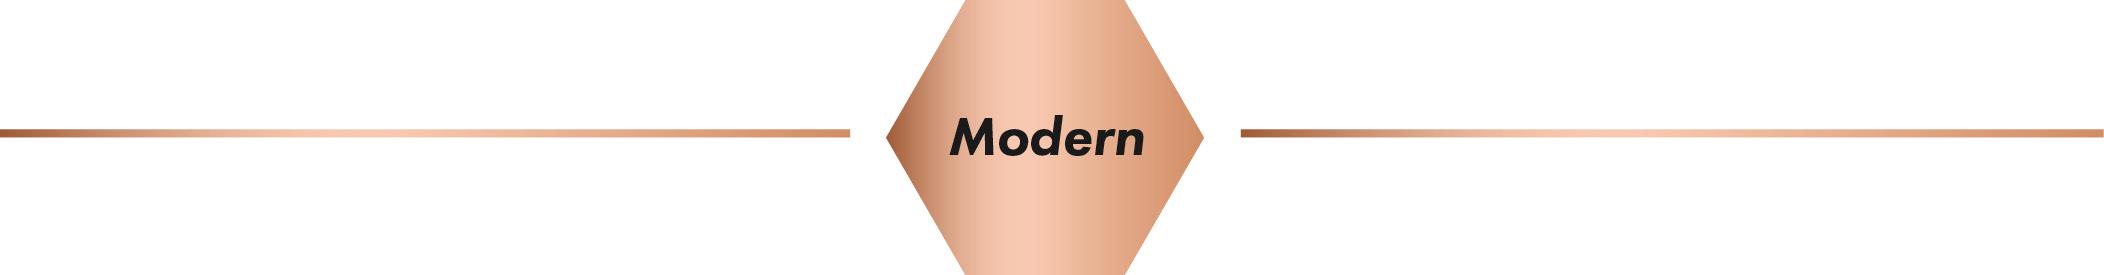 hop-vermarktungsmodell-modern-full.jpg